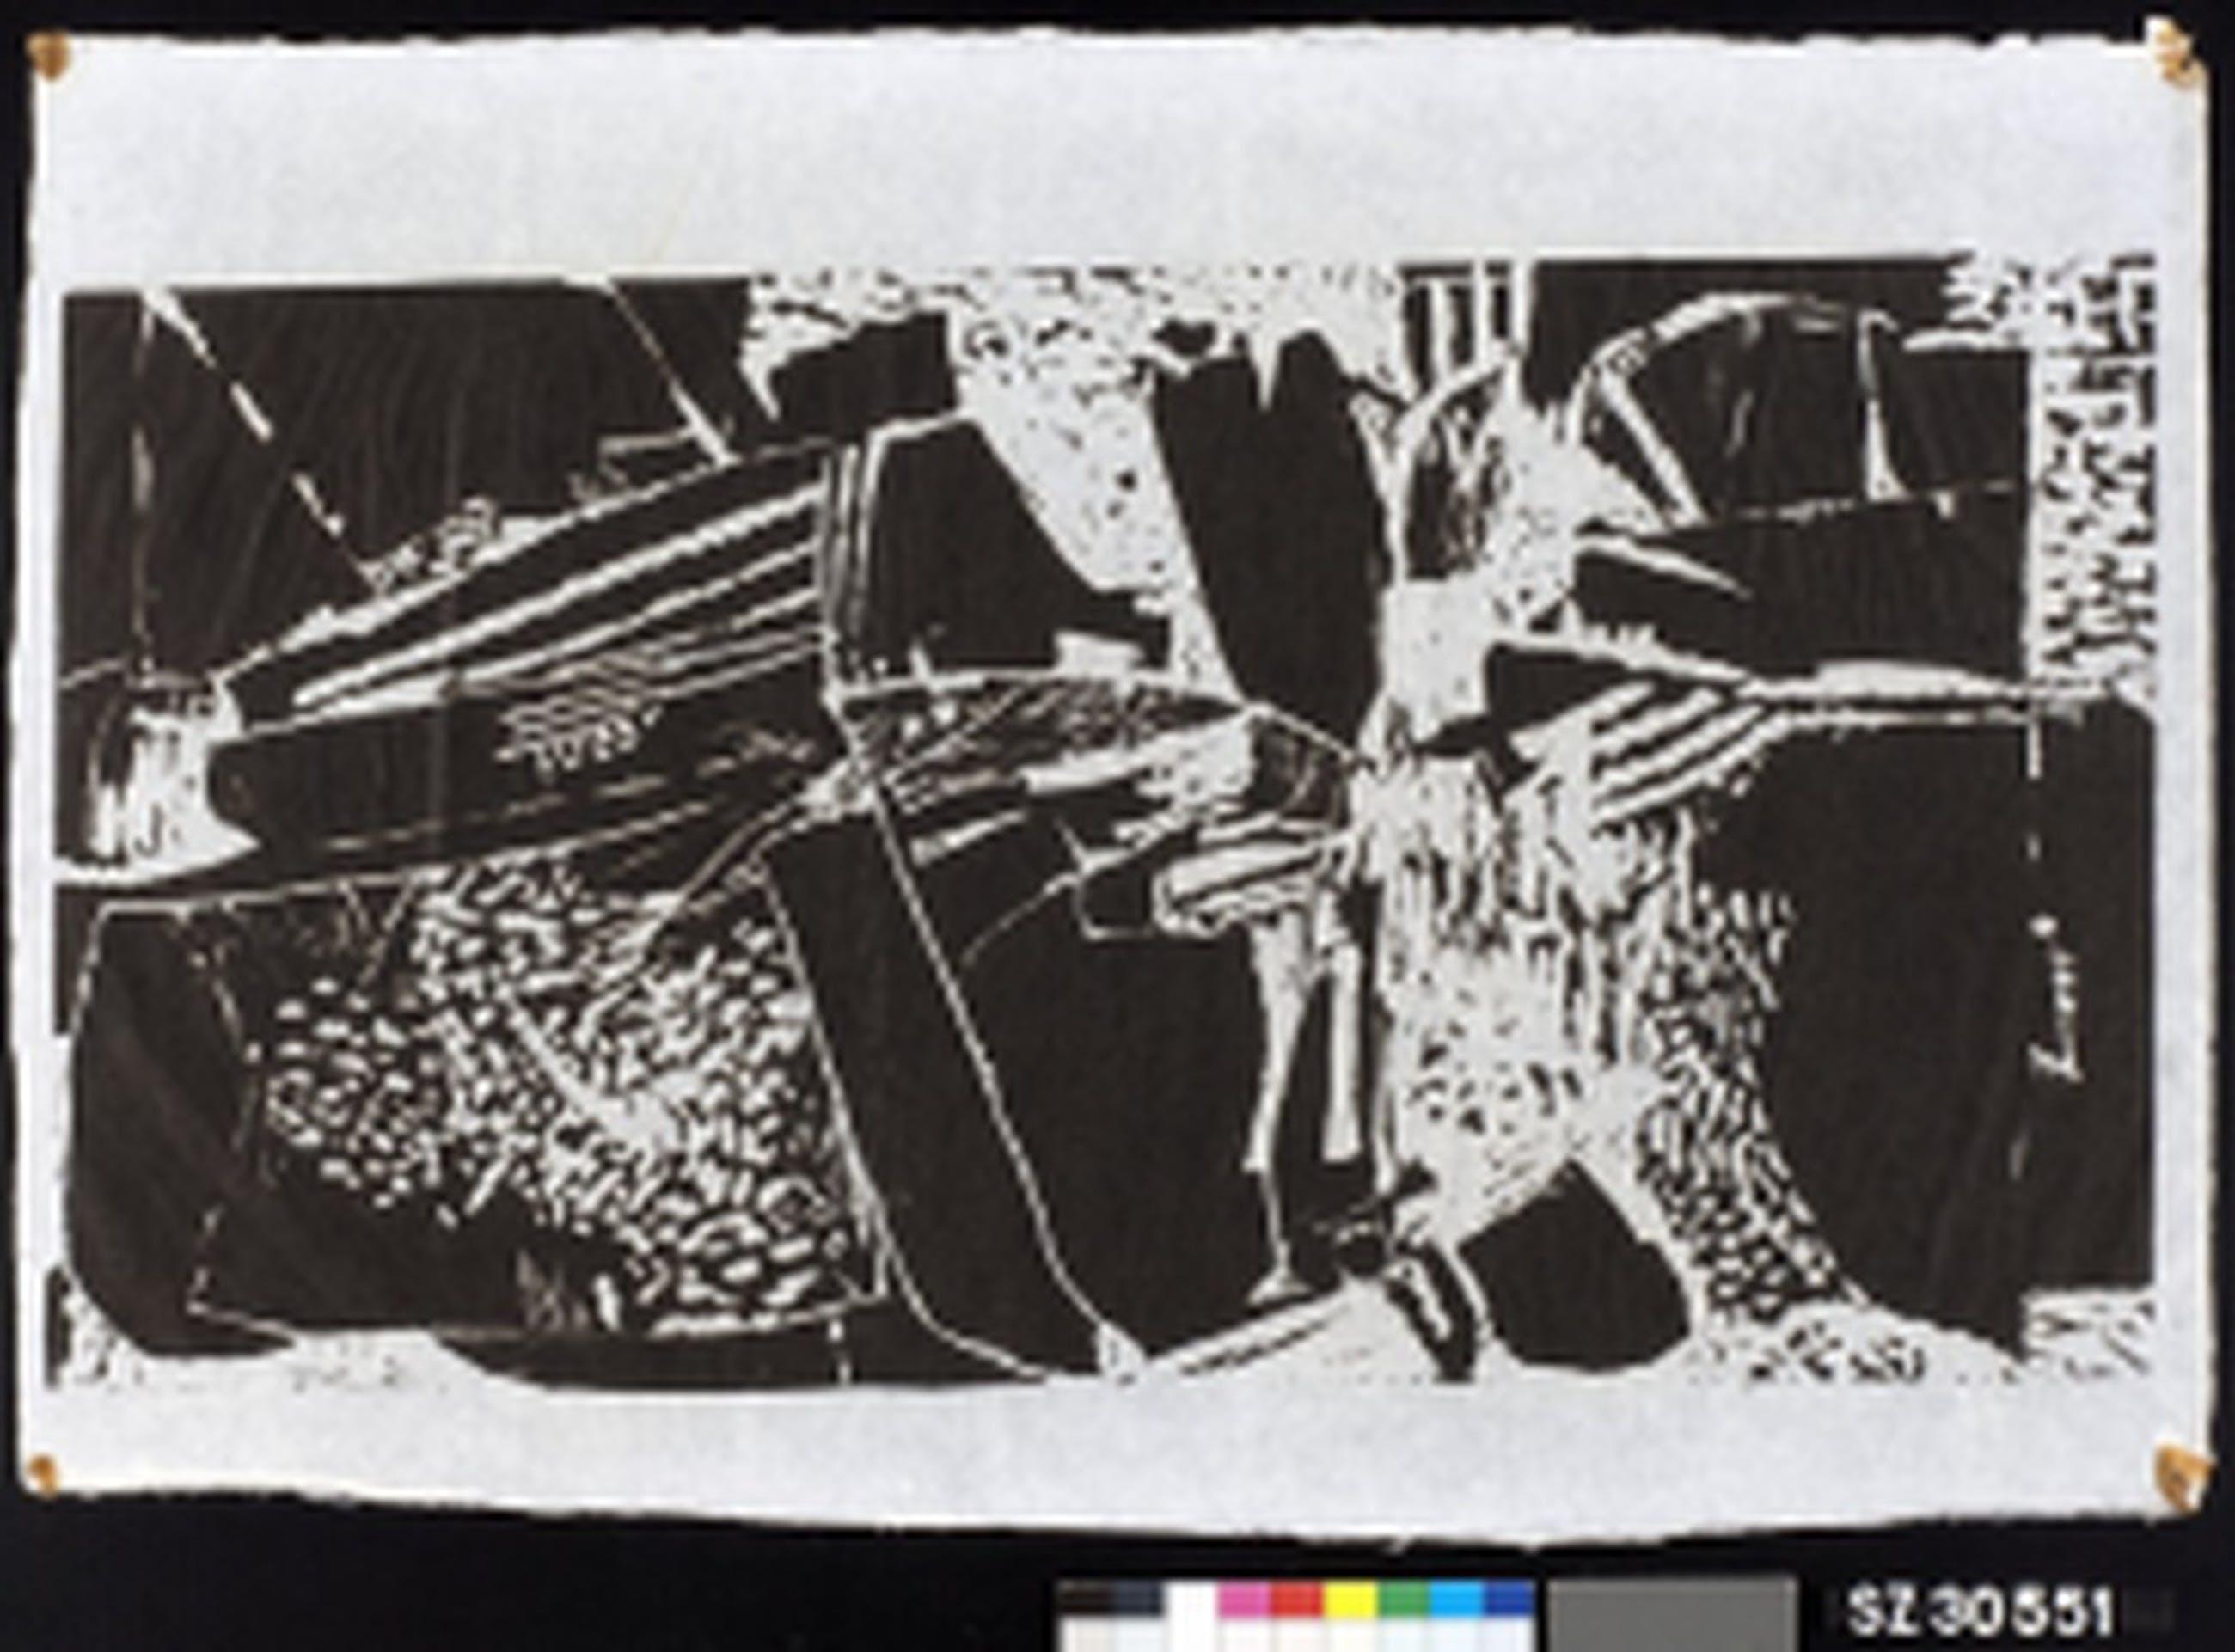 Roy, G.L. le: Houtsnede afdruk, Compositie I  kopen? Bied vanaf 75!